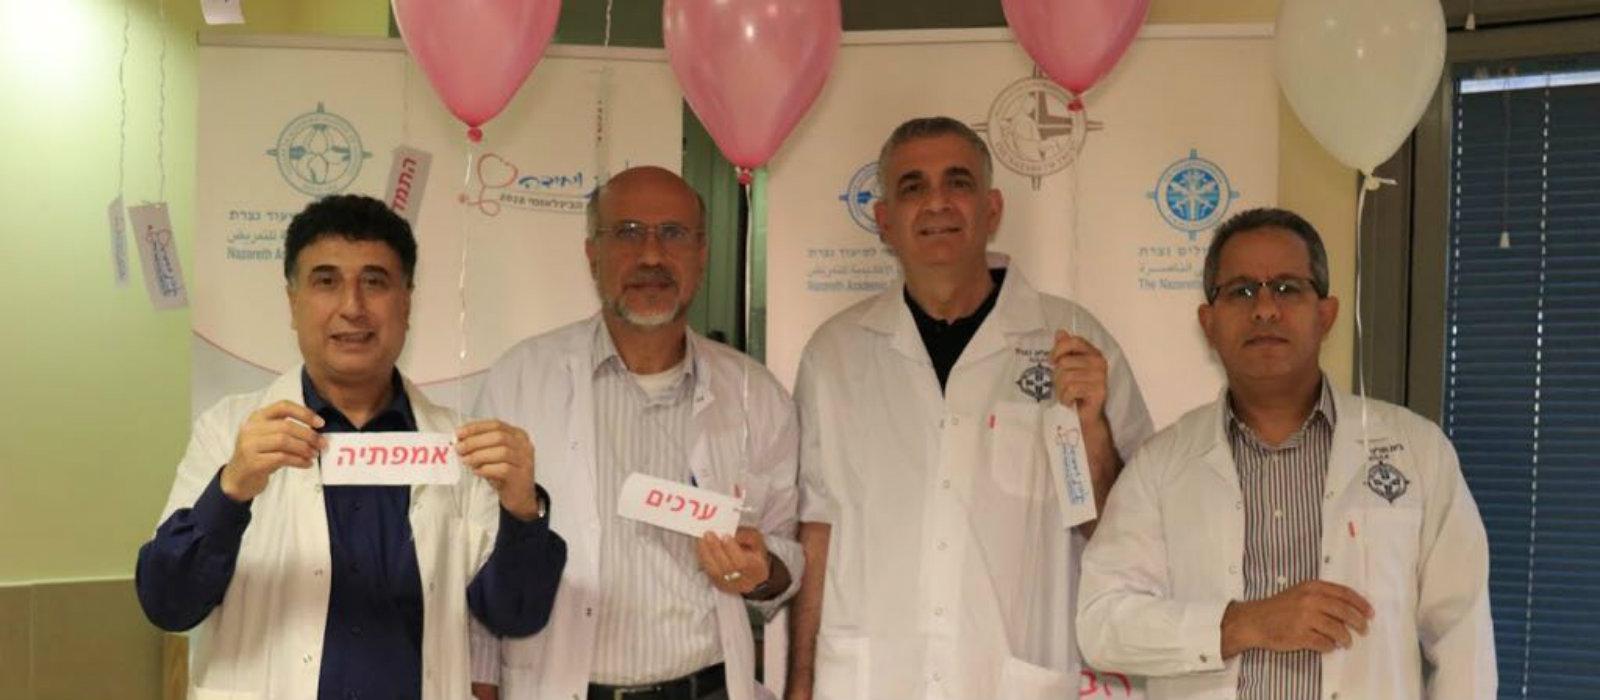 مدرسة الناصرة الأكاديميّة للتّمريض- المستشفى الانجليزي- تحصل على شهادة امتياز من وزارة الصحة